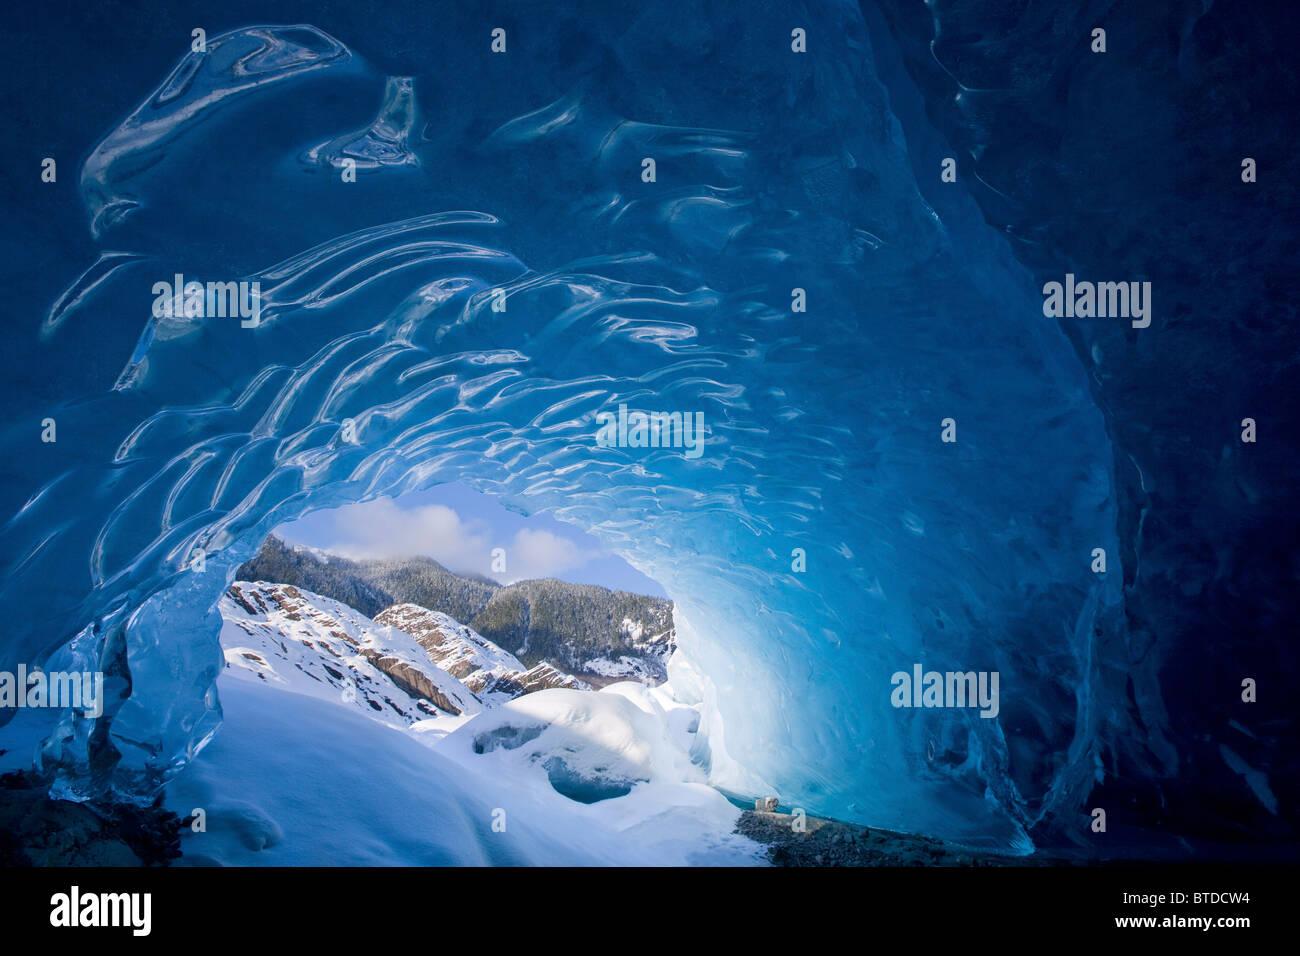 Vista dall'interno di una caverna di ghiaccio guardando verso l'esterno al paesaggio snowcovered, Mendenhall Immagini Stock